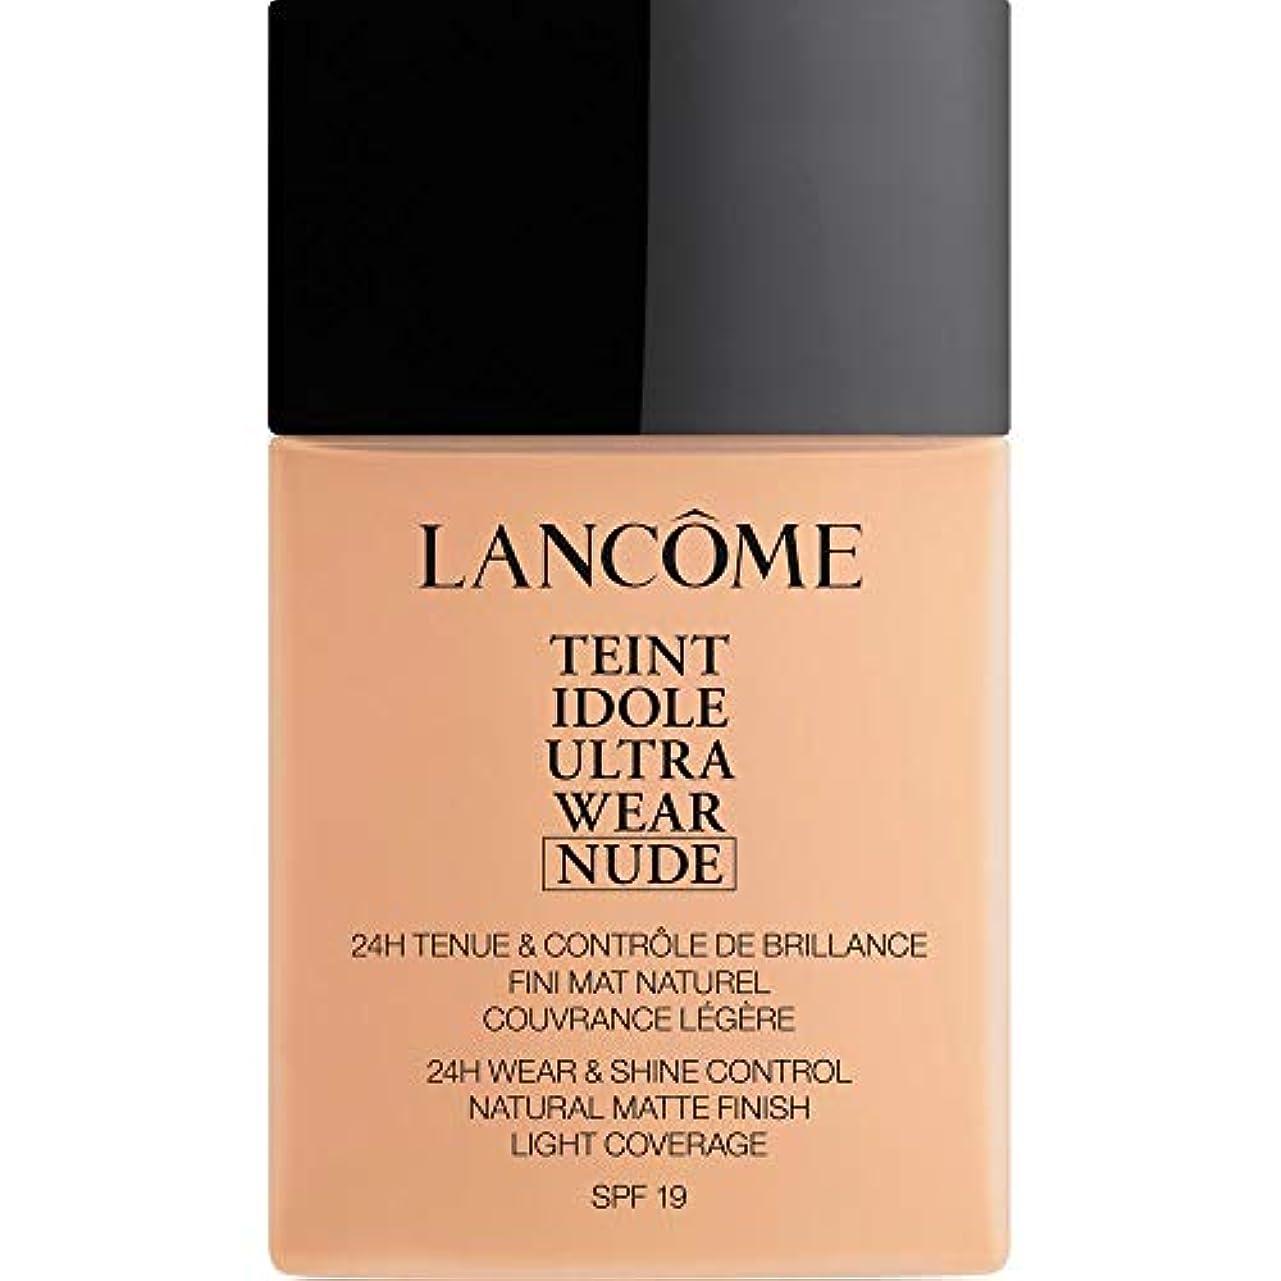 血出会いブルジョン[Lanc?me ] ランコムTeintのIdole超摩耗ヌード財団Spf19の40ミリリットル023 - ベージュオロール - Lancome Teint Idole Ultra Wear Nude Foundation...